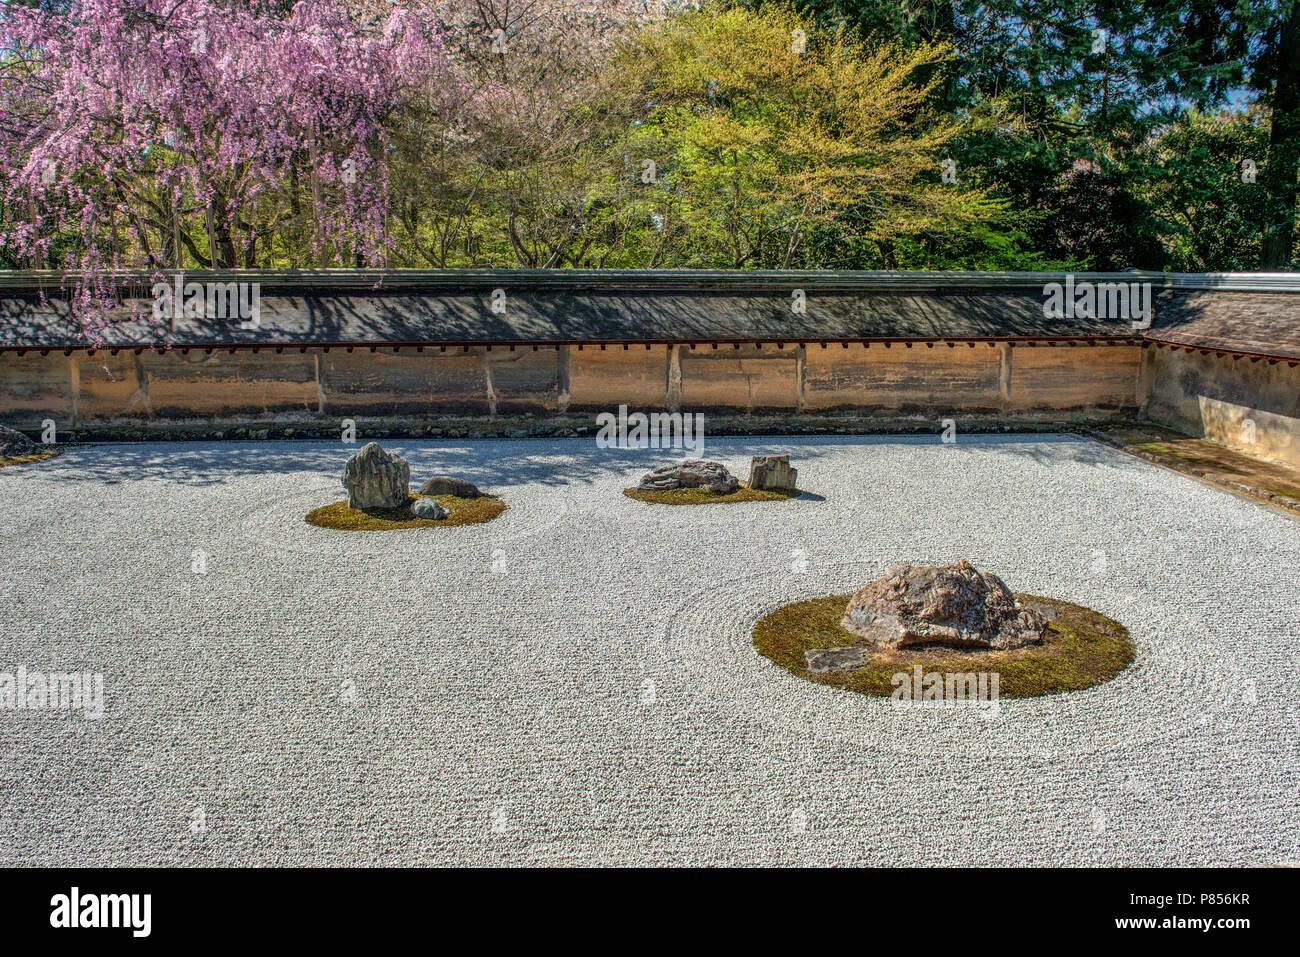 Japanische Touristen genießen Ruhe im Ryoanji-tempel in Kyoto, Japan. Dieser Zen buddhistische Tempel ist berühmt für seine rock garden. Stockbild